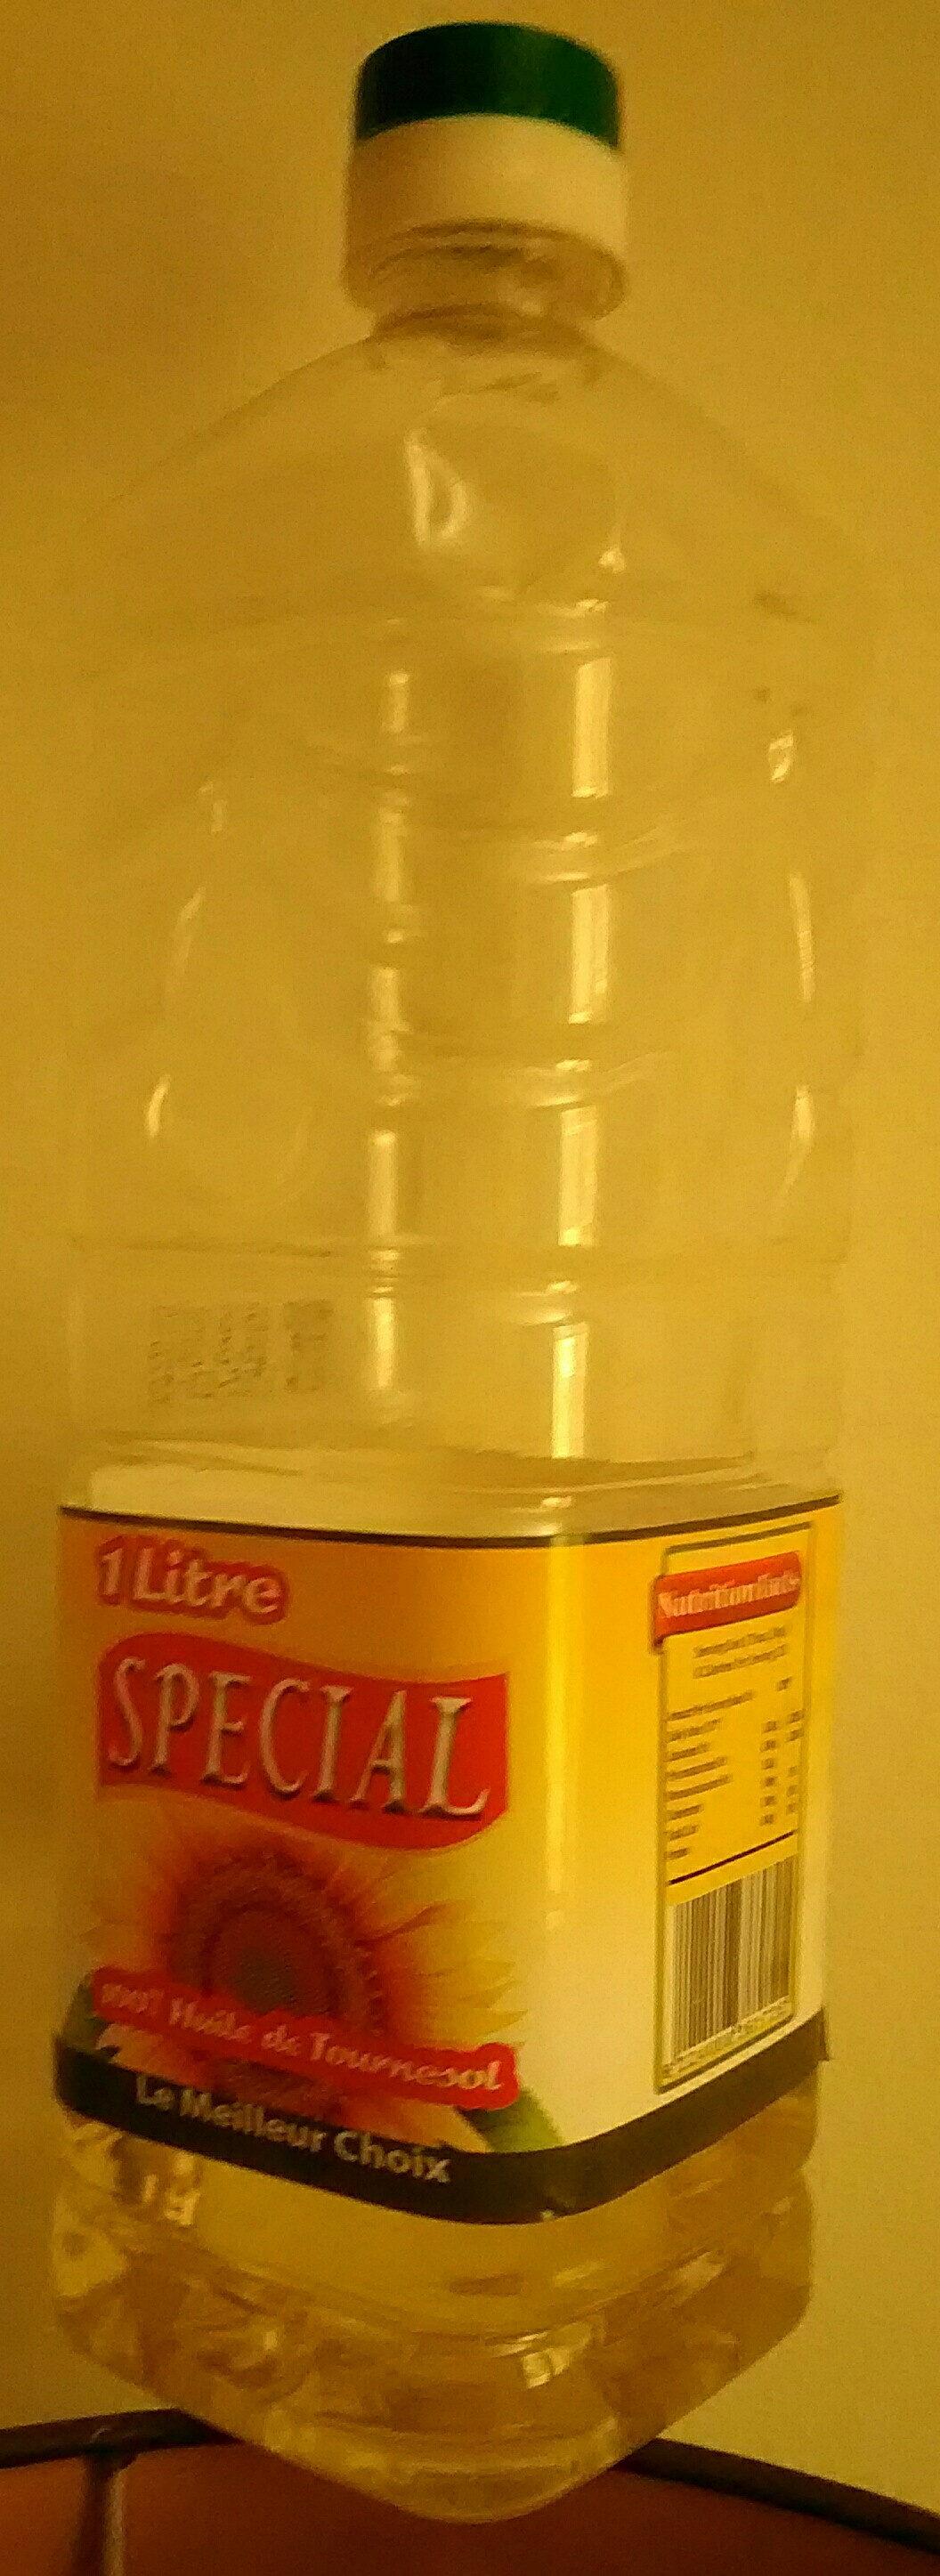 huile de tournesol - Product - fr